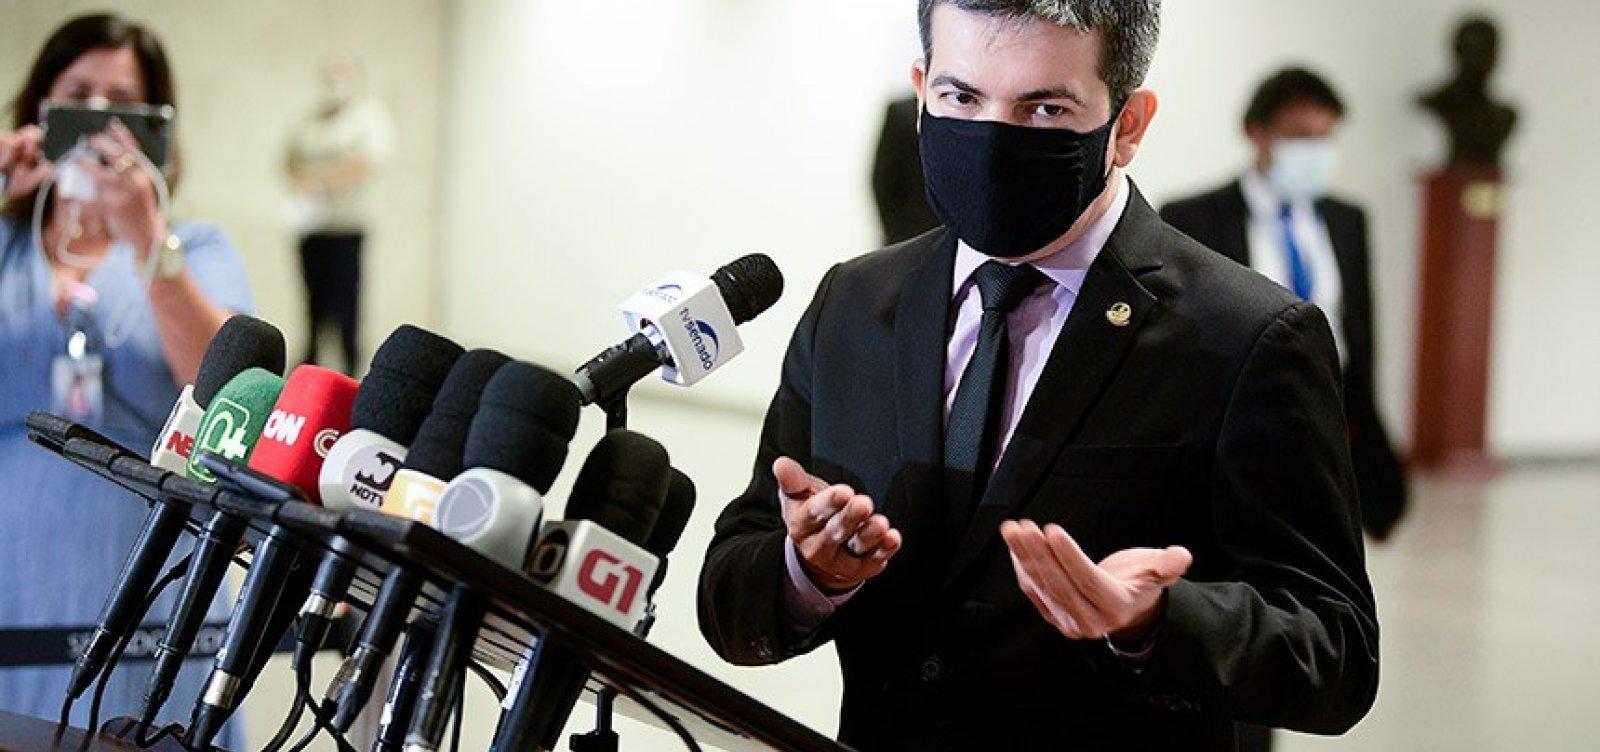 Senadores apresentam no STF notícia-crime contra Bolsonaro por prevaricação